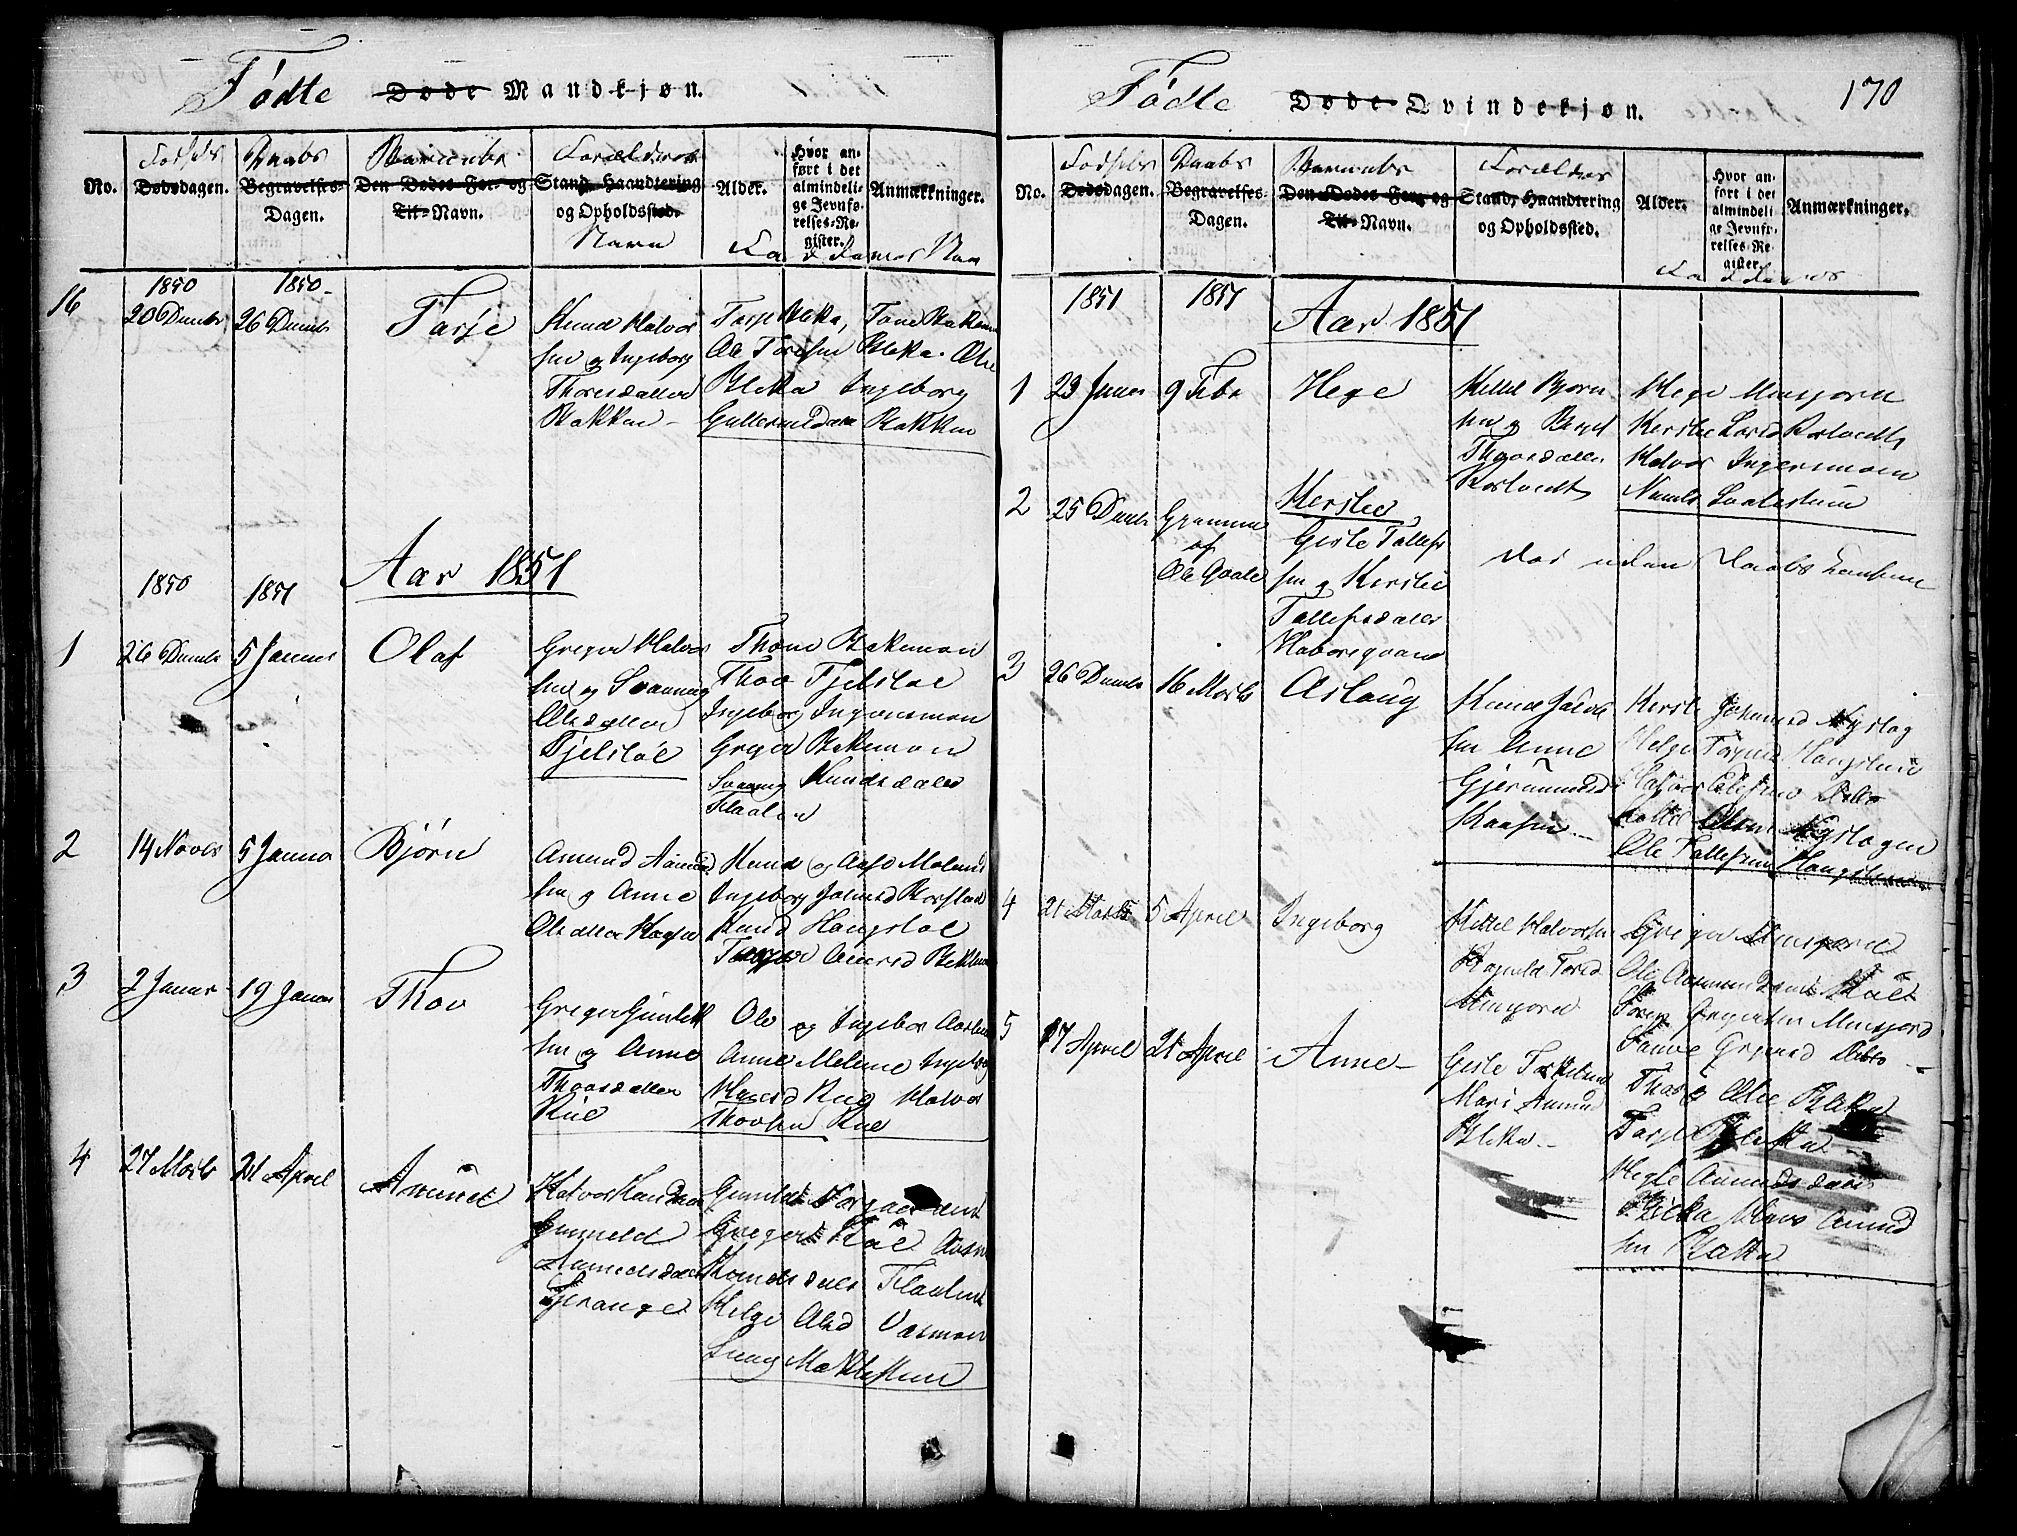 SAKO, Seljord kirkebøker, G/Gb/L0002: Klokkerbok nr. II 2, 1815-1854, s. 170